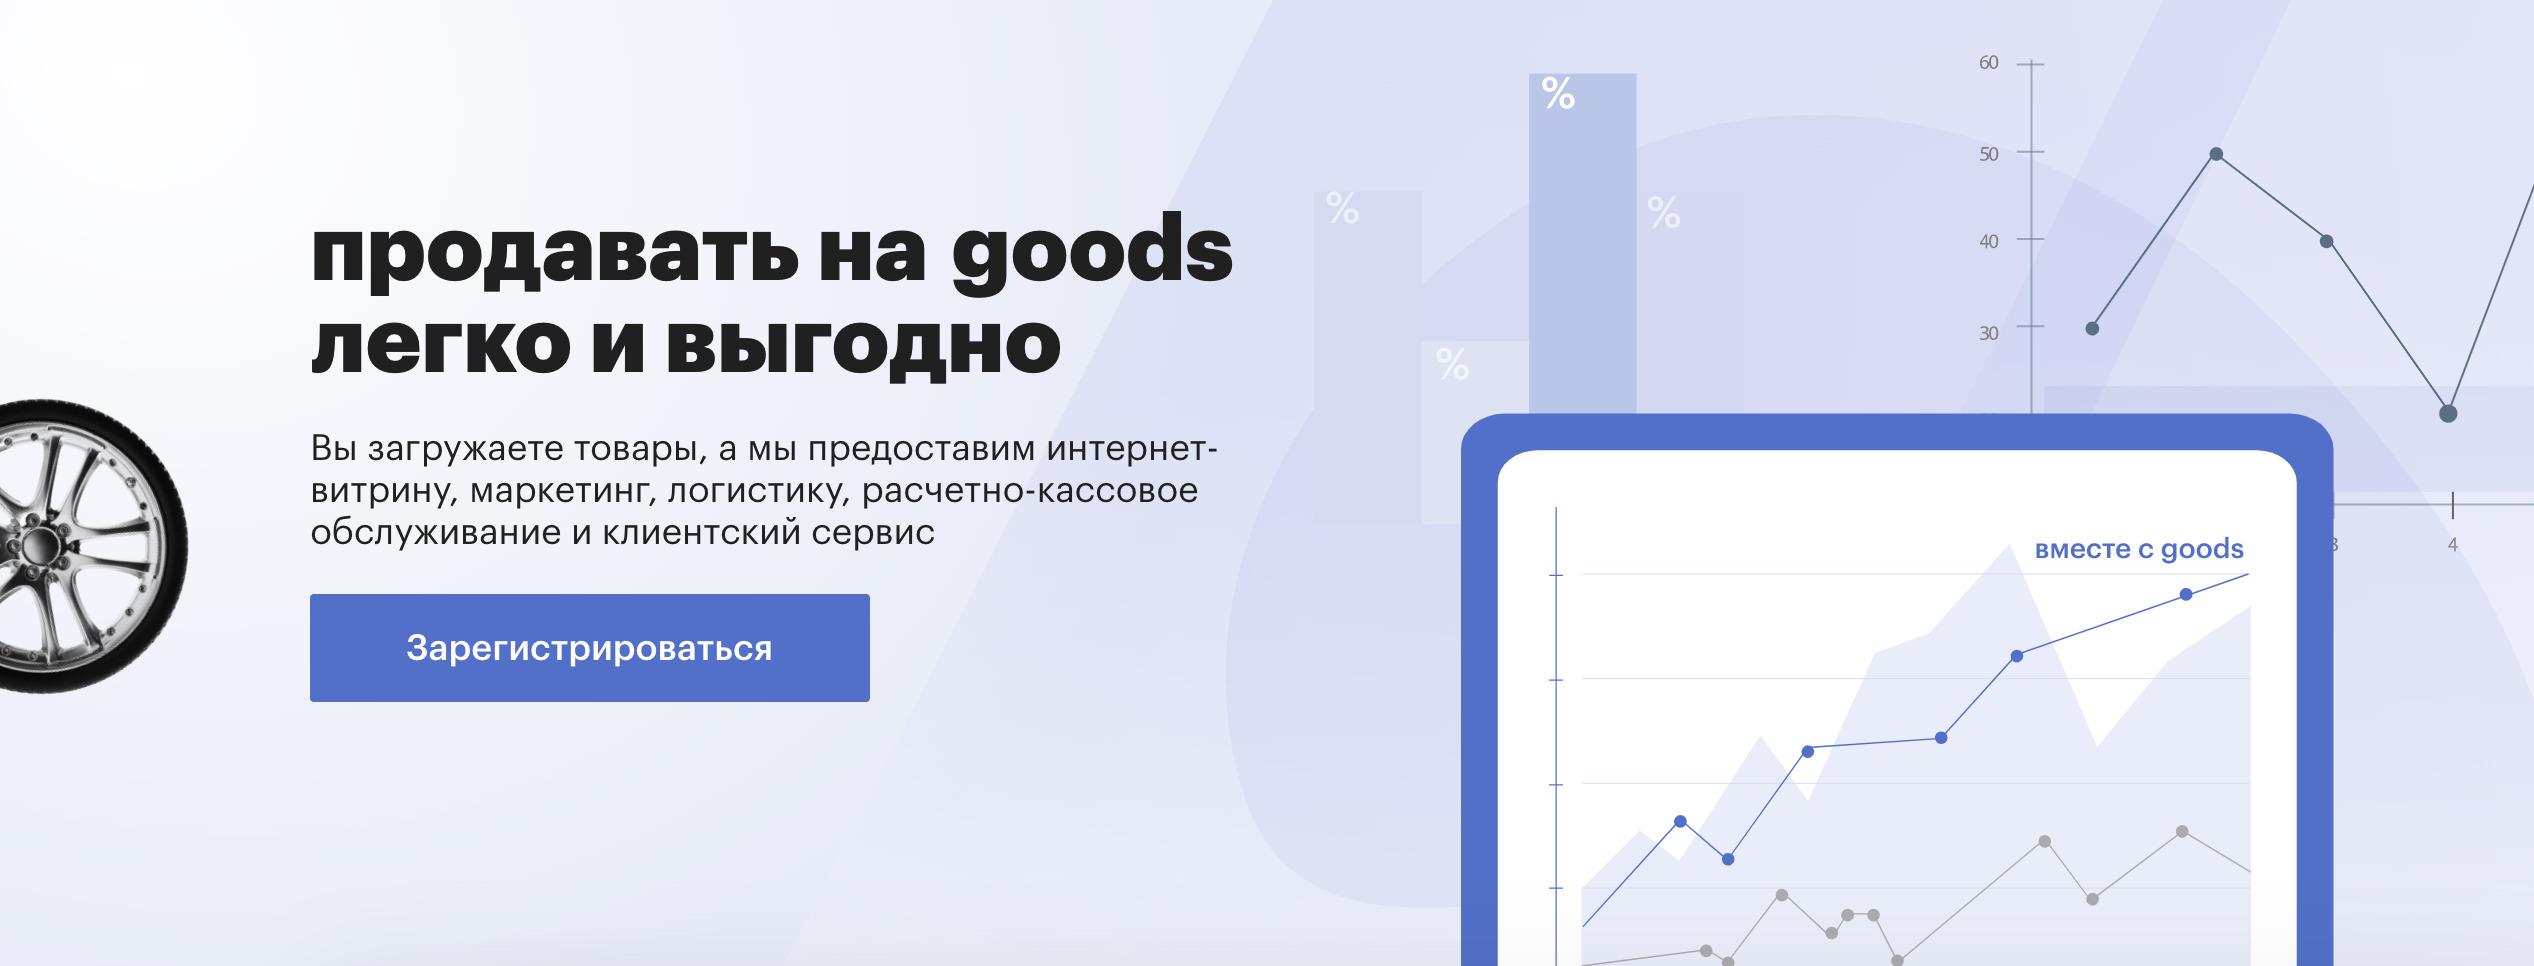 Маркетплейс Goods.ru для продавцов, инструкция по подключению